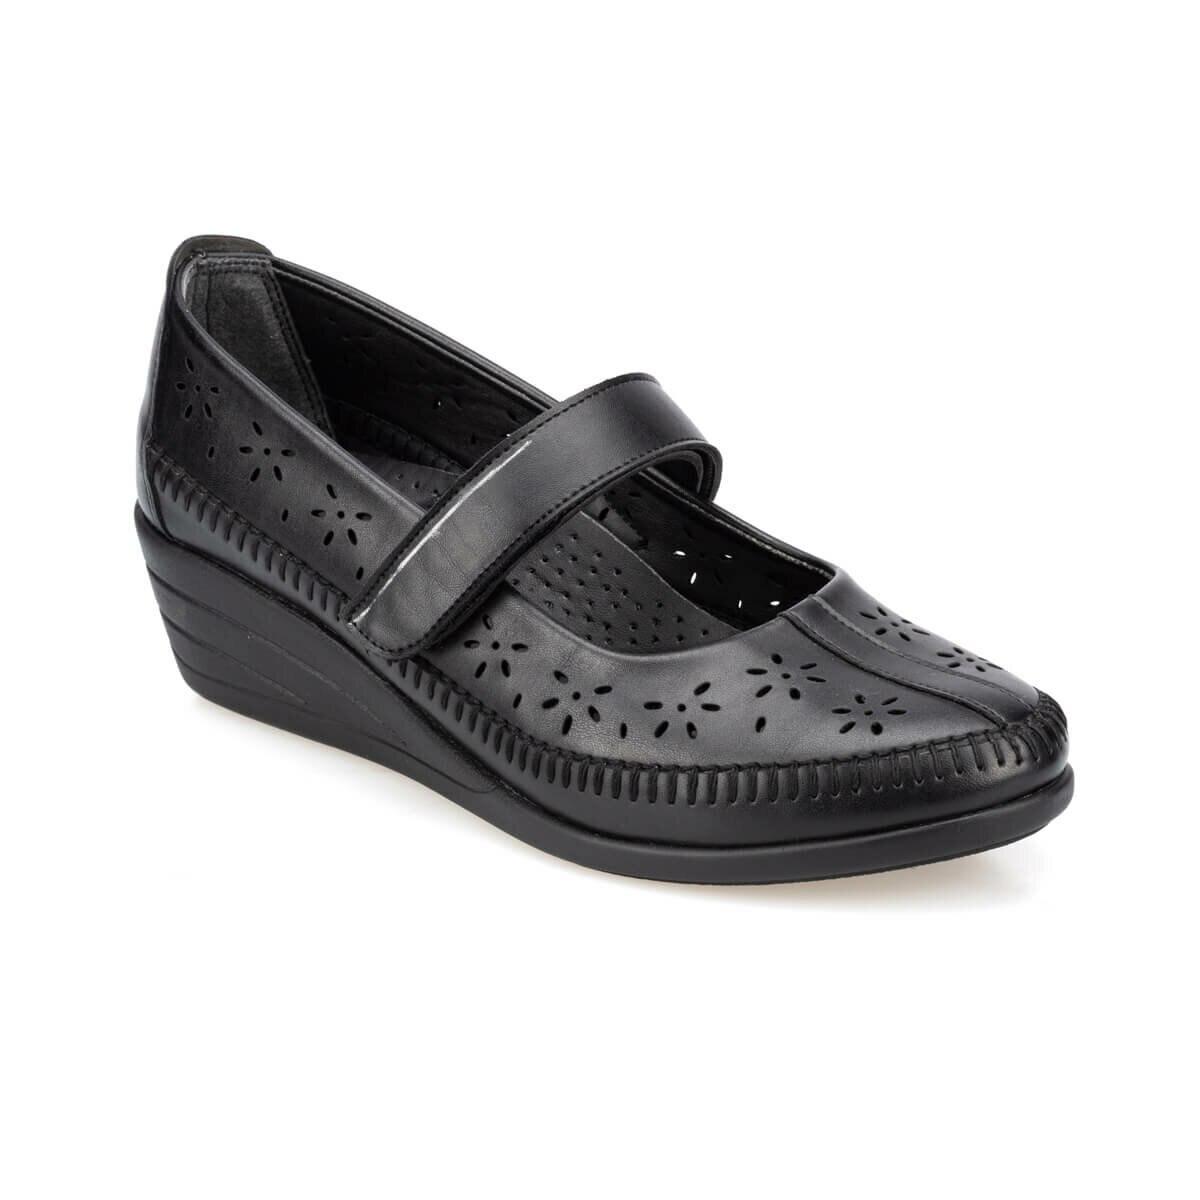 FLO 91. 150708.Z Tan Women 'S Shoes Polaris